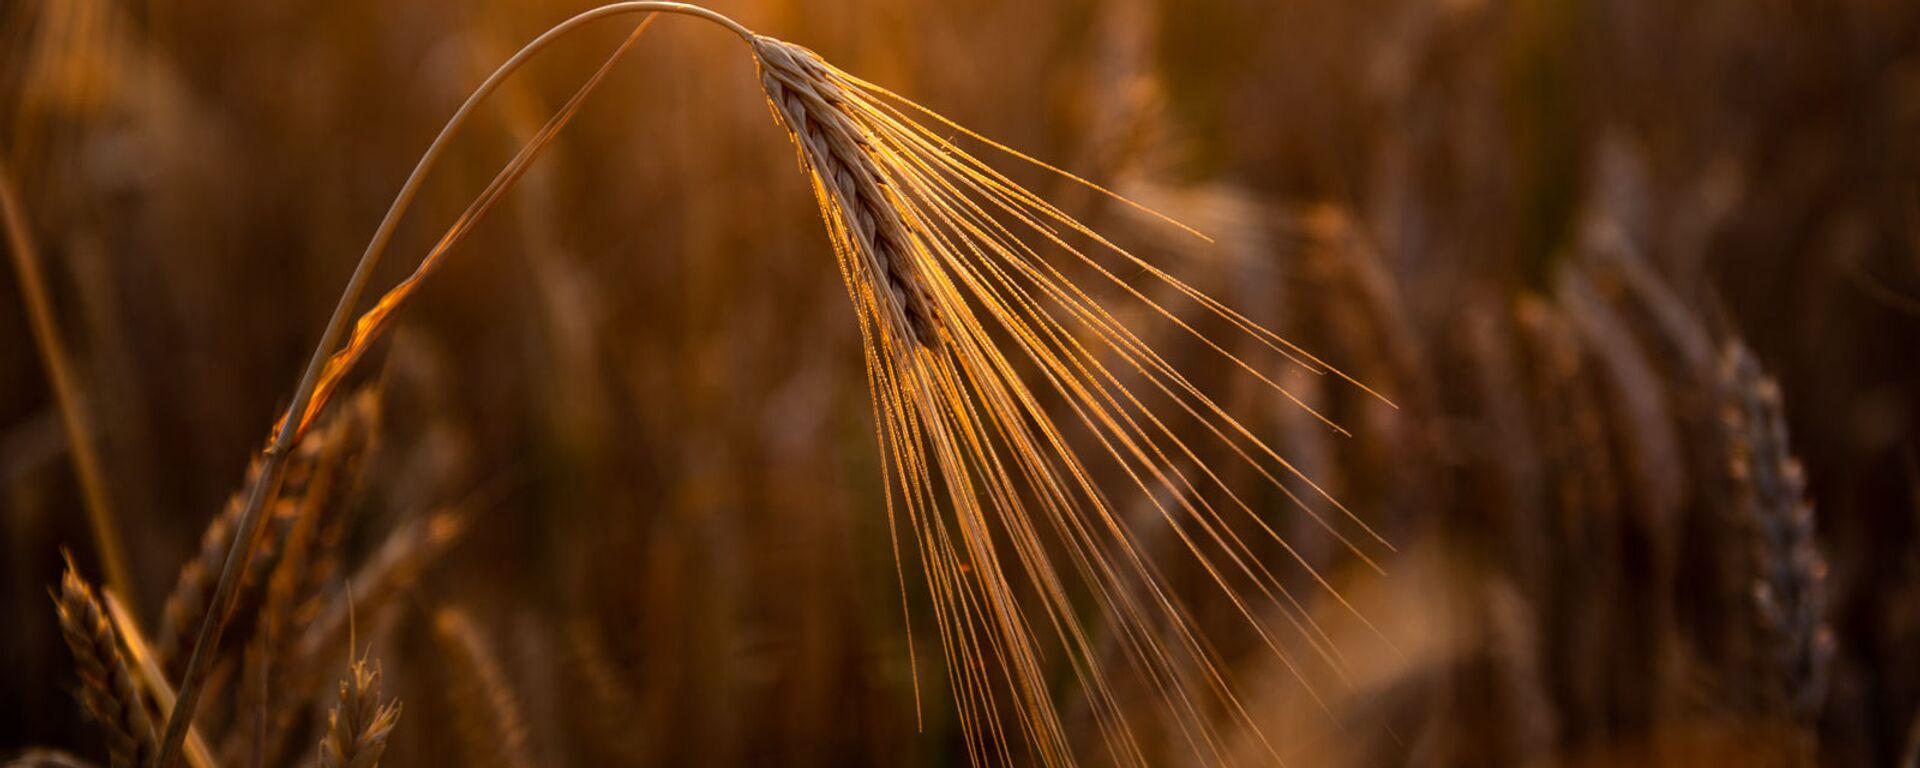 Пшеничное поле - Sputnik Армения, 1920, 08.07.2020